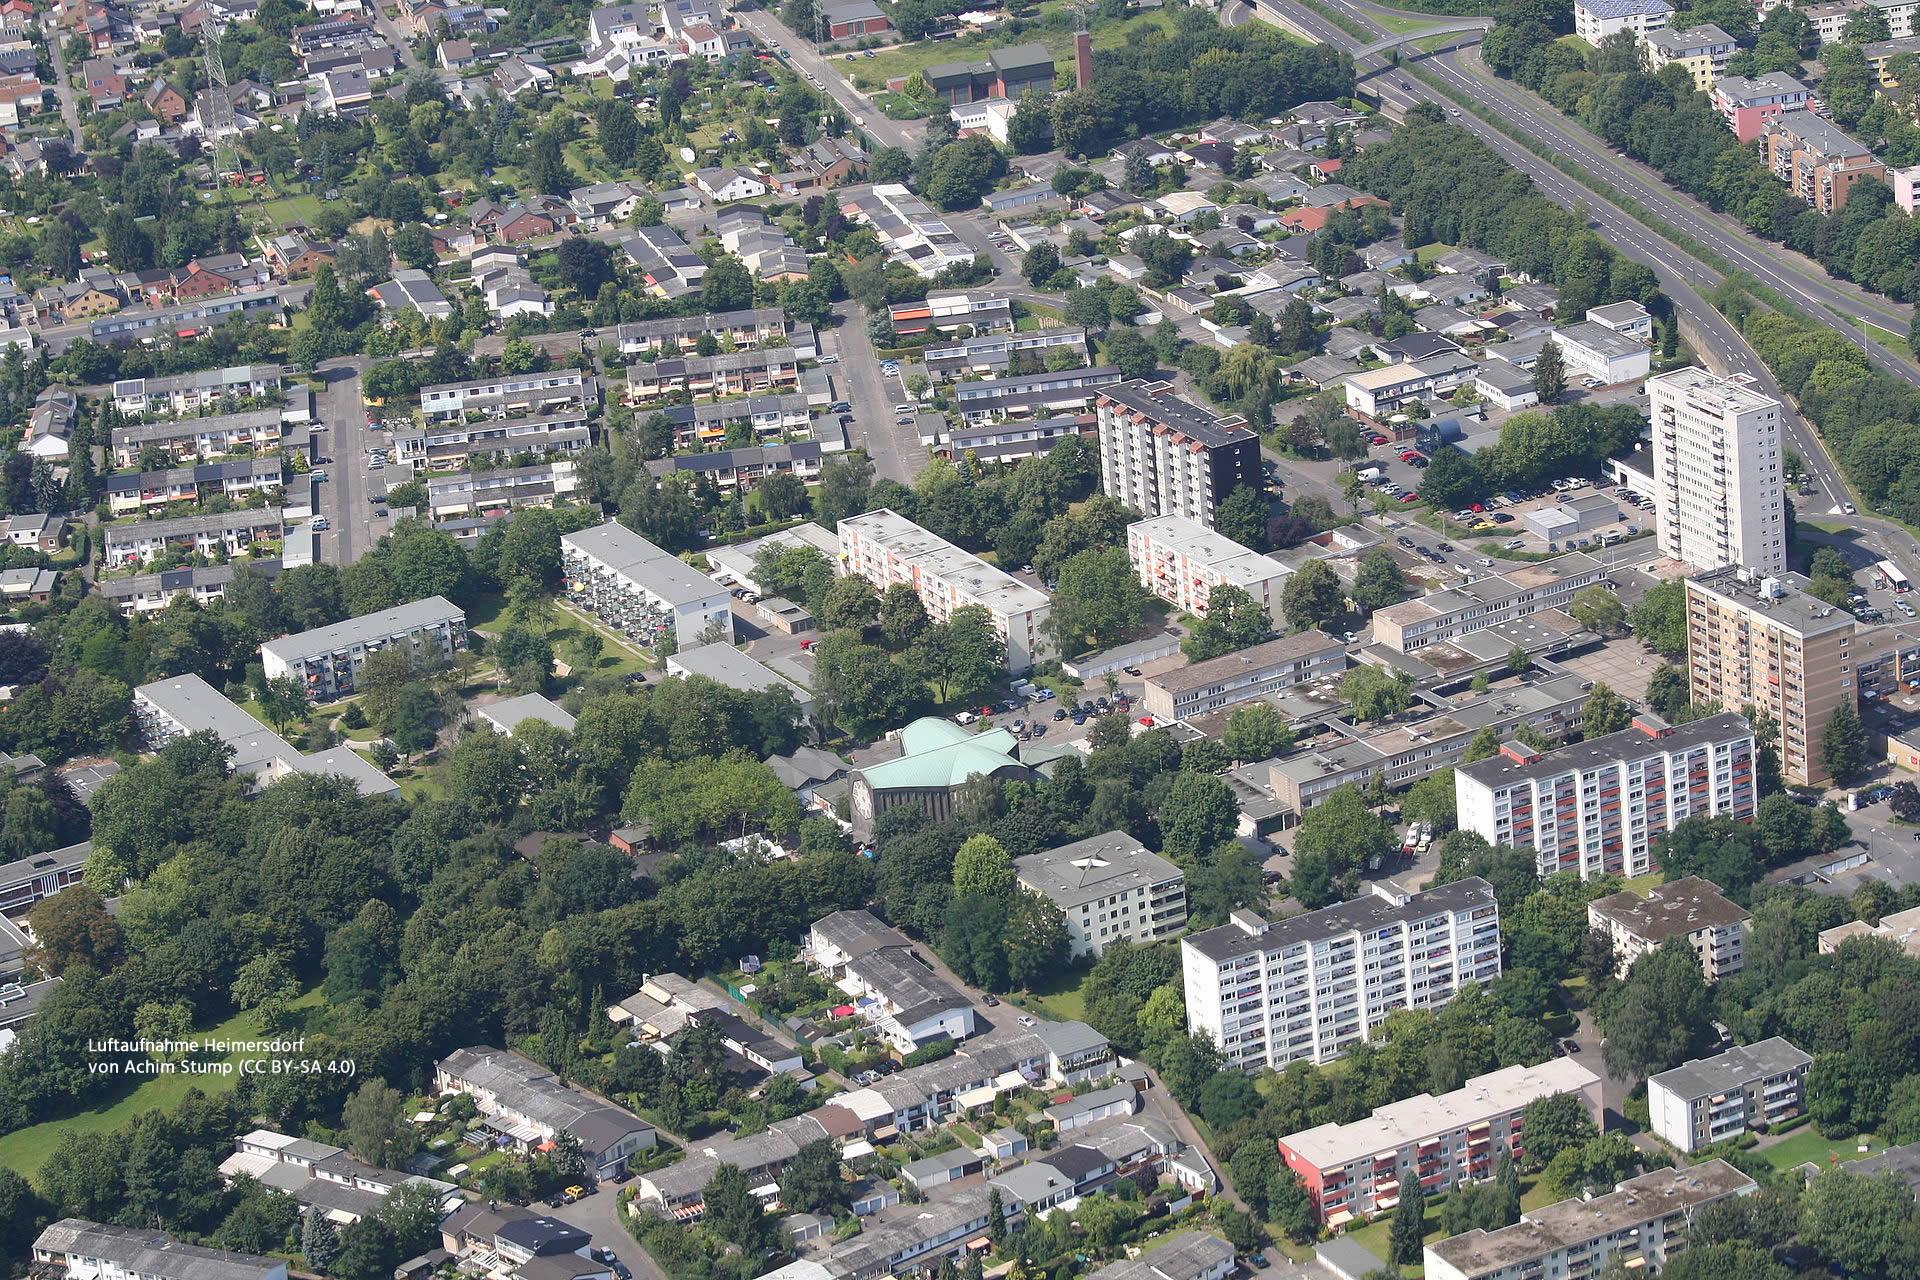 Luftaufnahme Heimersdorf von Achim Stump (CC BY-SA 4.0)